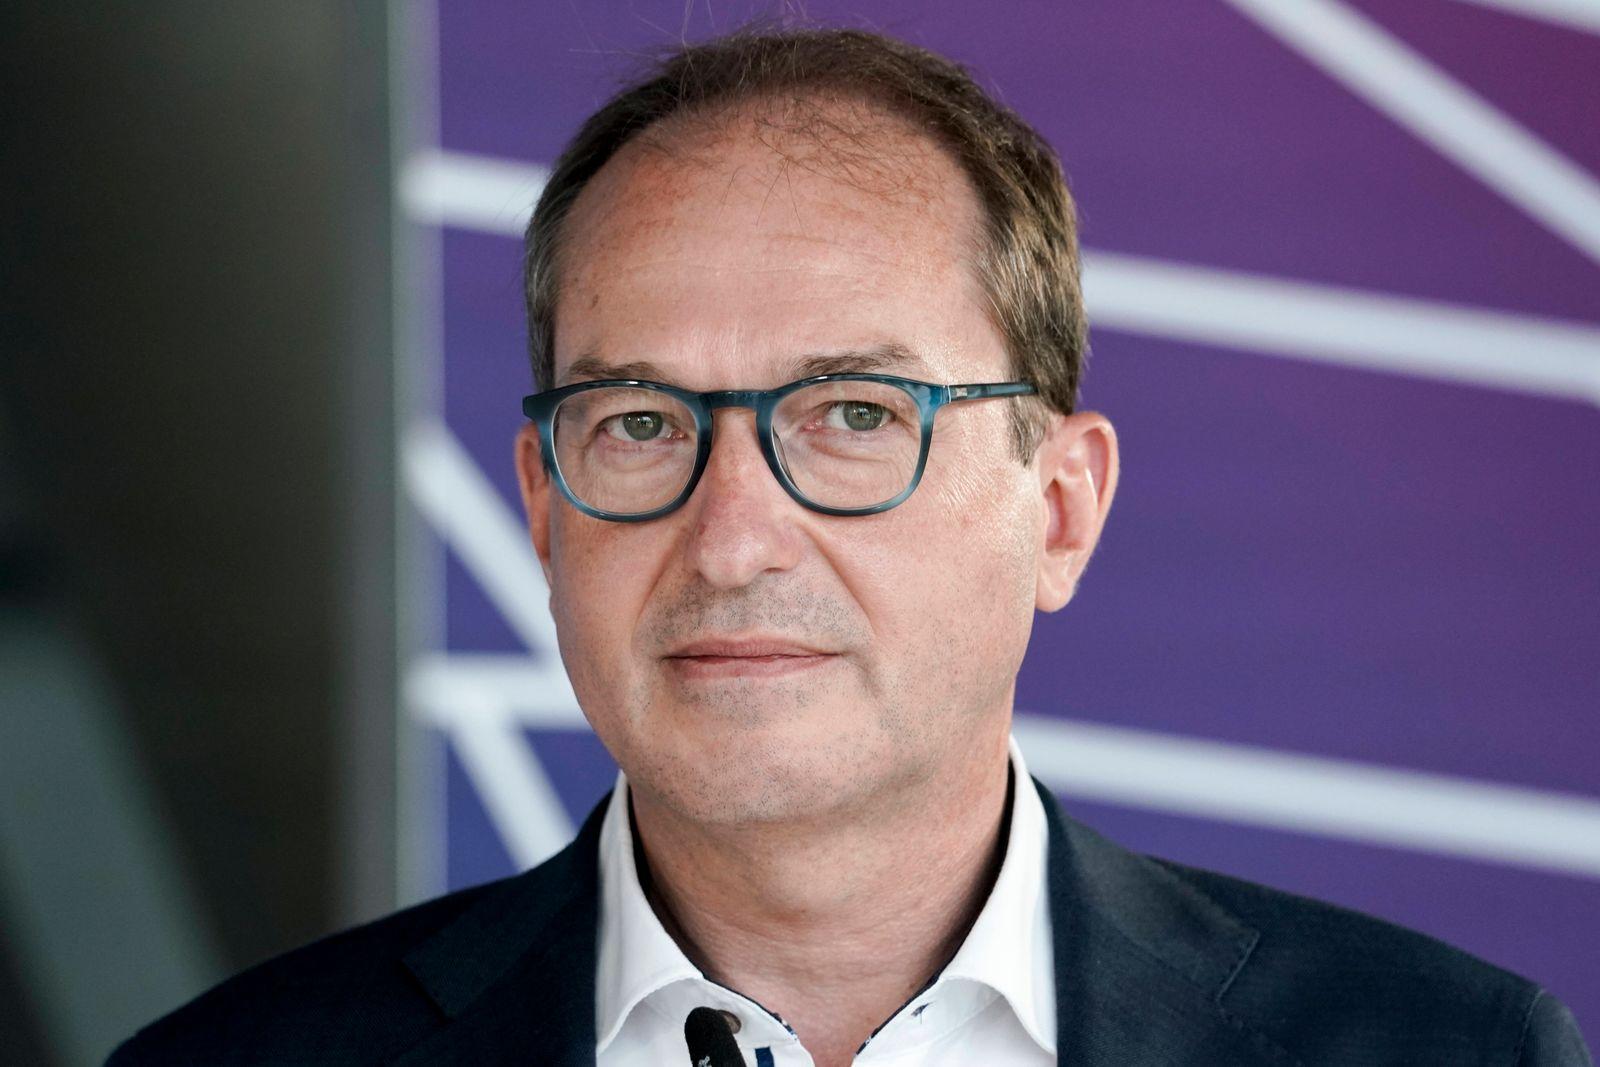 Statement vor der CDU/ CSU Fraktionssitzung des Bundestag Aktuell, 22.06.2021, Berlin, Alexander Dobrindt (CSU) bei sein